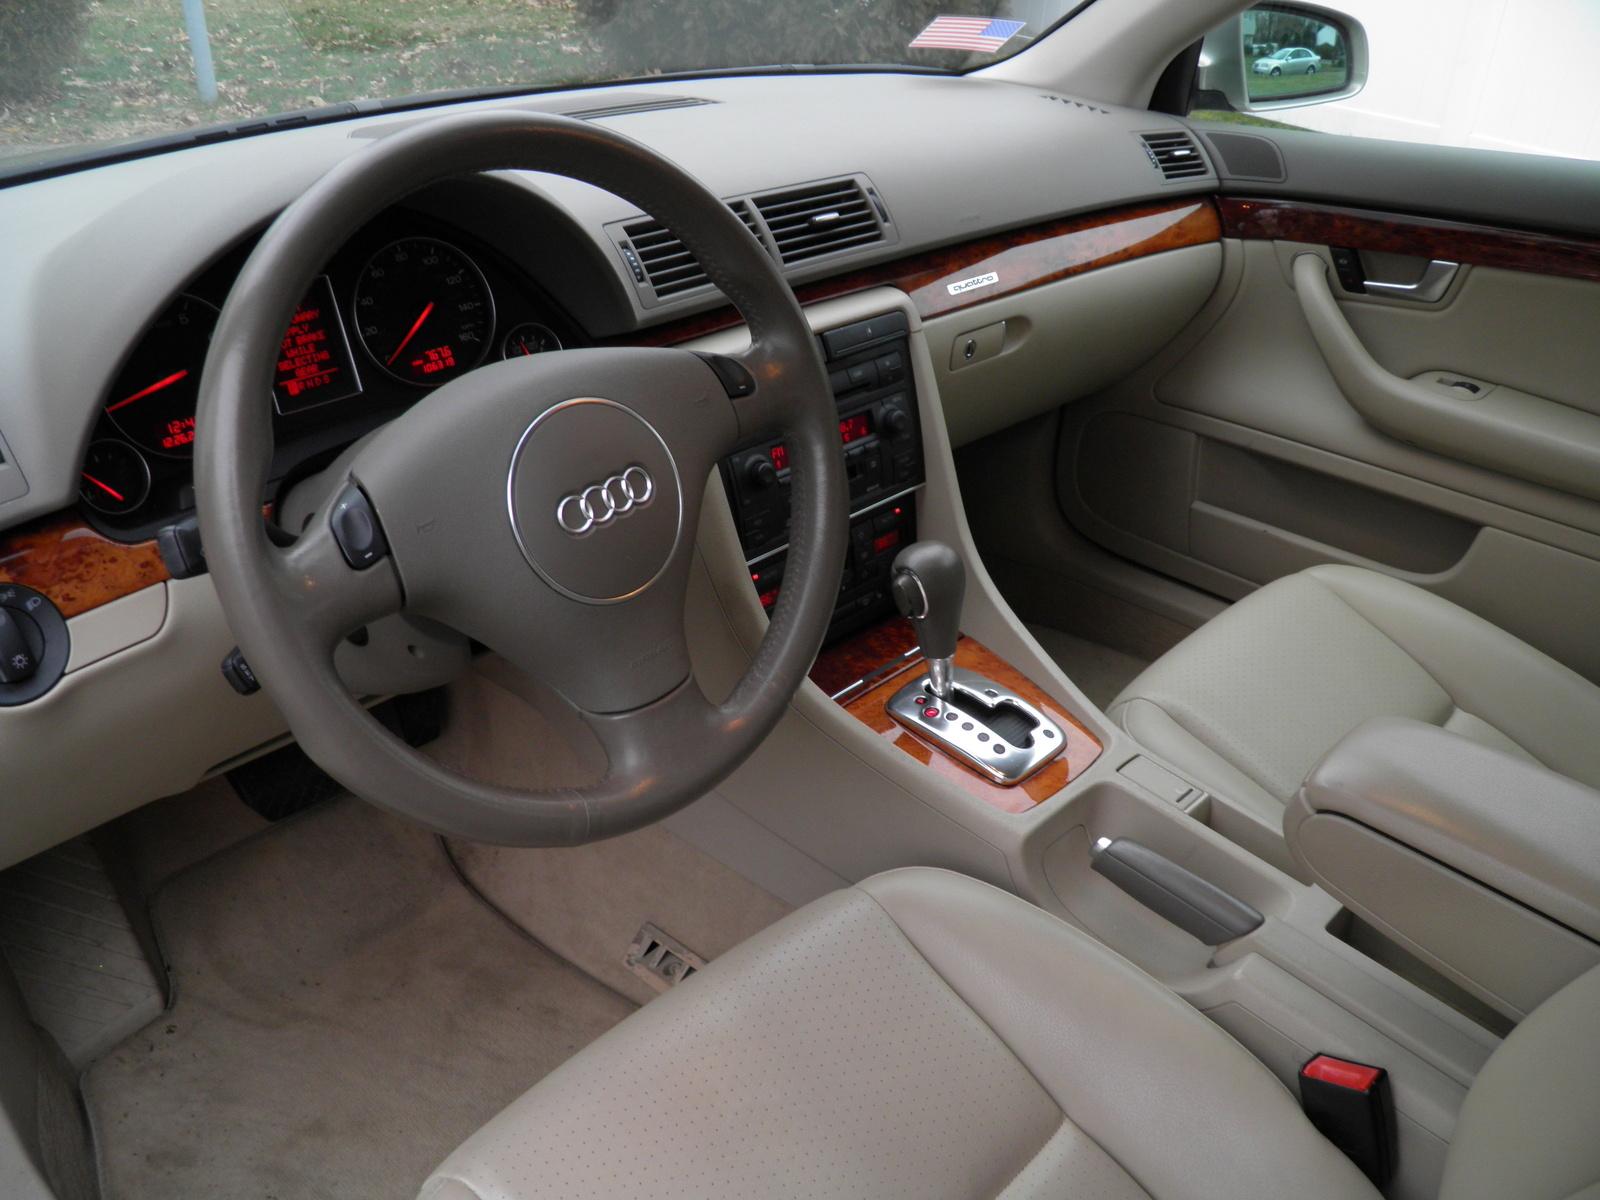 2002 Audi A4 Pictures Cargurus